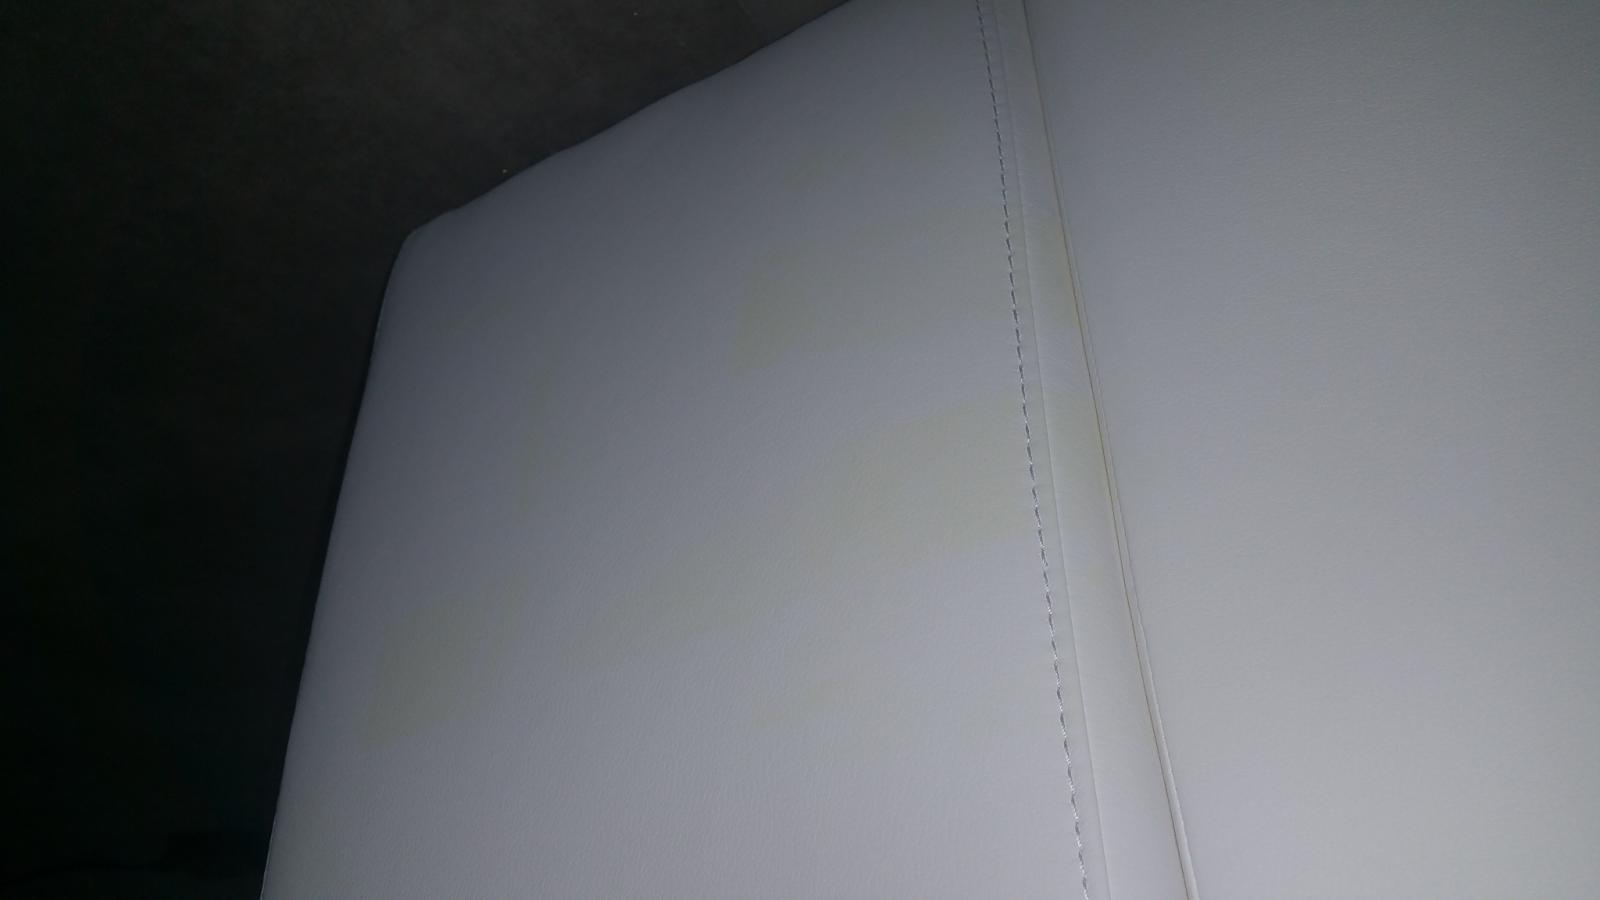 Canapé Cuir Blanc Qui Jaunit canapé jauni par endroit suite stockage exterieur